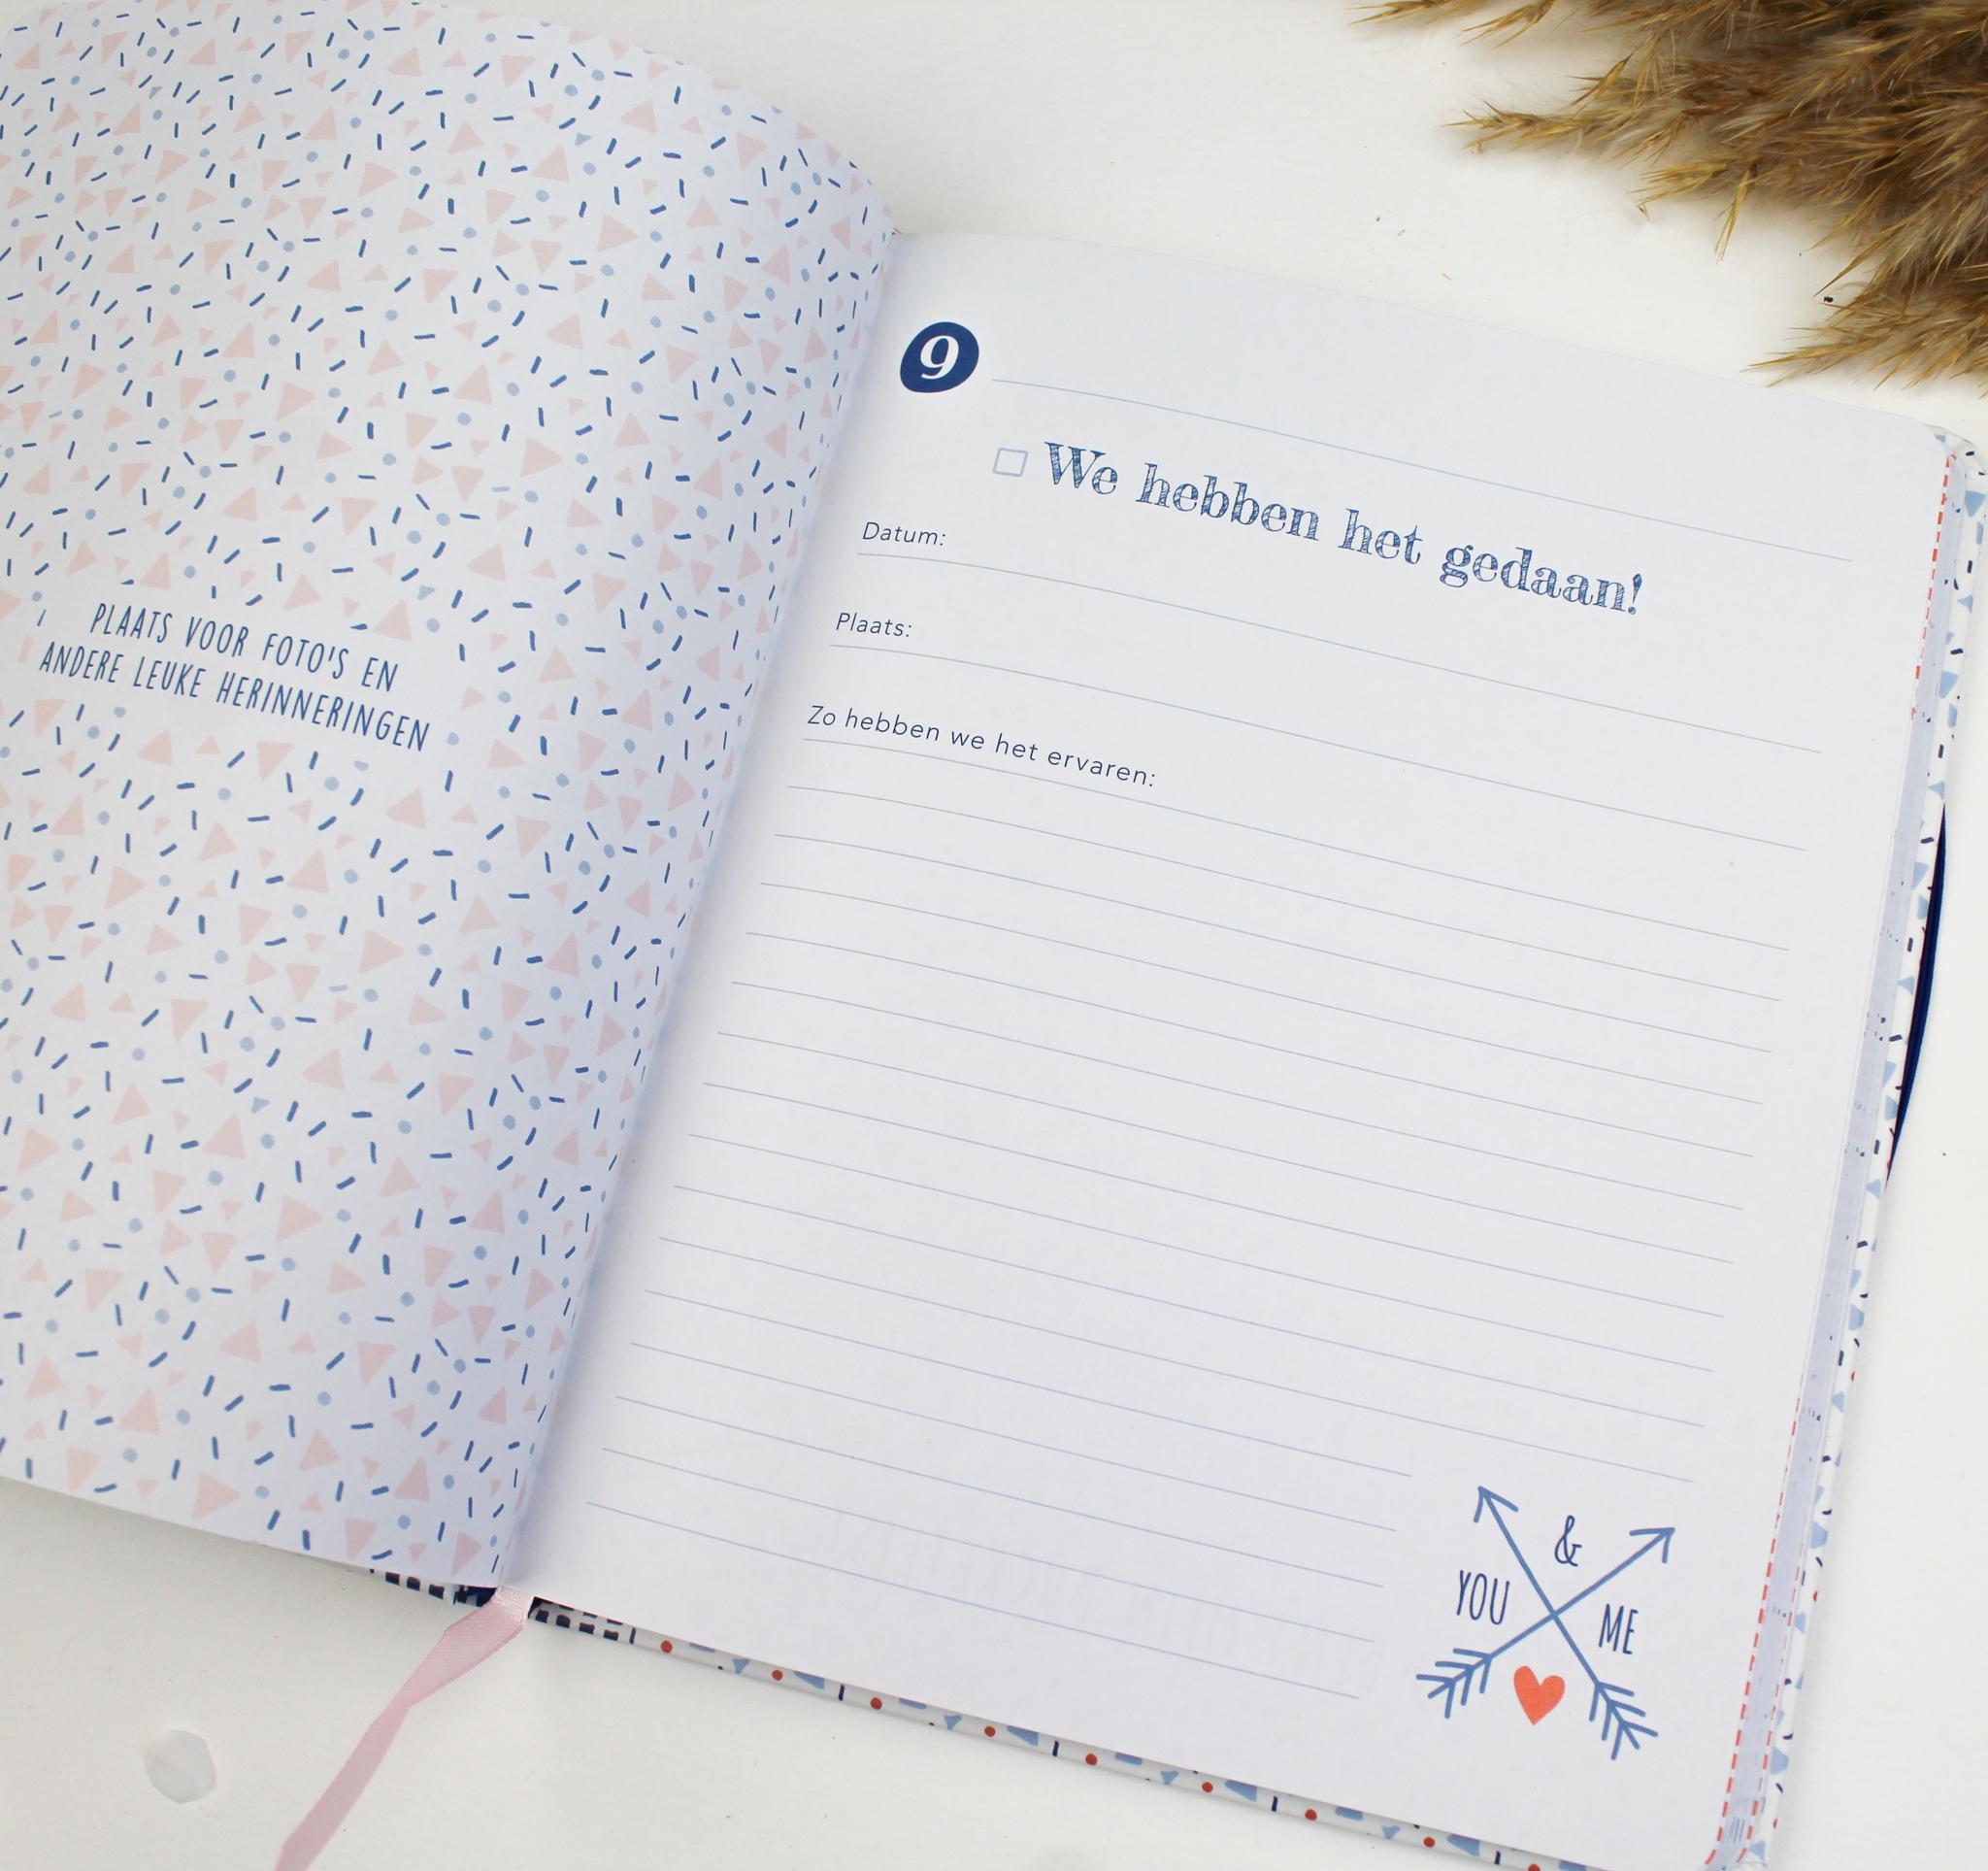 cadeau boek bucketlist voor jou en mij ideefabriek verjaardag